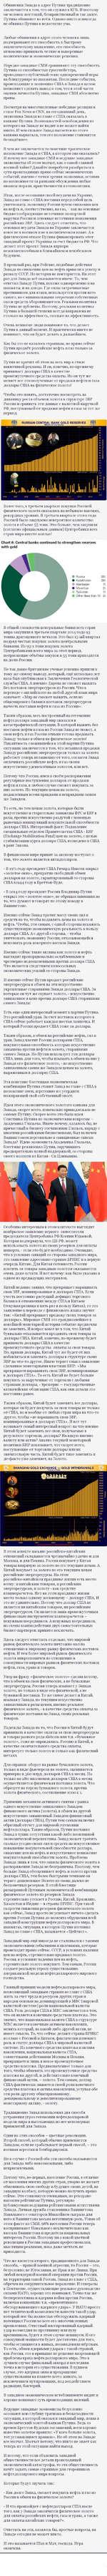 Обвинения Запада в адрес Путина традиционно заключаются в том, что он служил в КГБ. И поэтому он человек жестокий, безнравственный и так далее. Путина обвиняют во всём. Однако никто и никогда не обвинял Путина в недостатке ума. Любые обвинения в адрес этого человека лишь подчеркивают его способнос